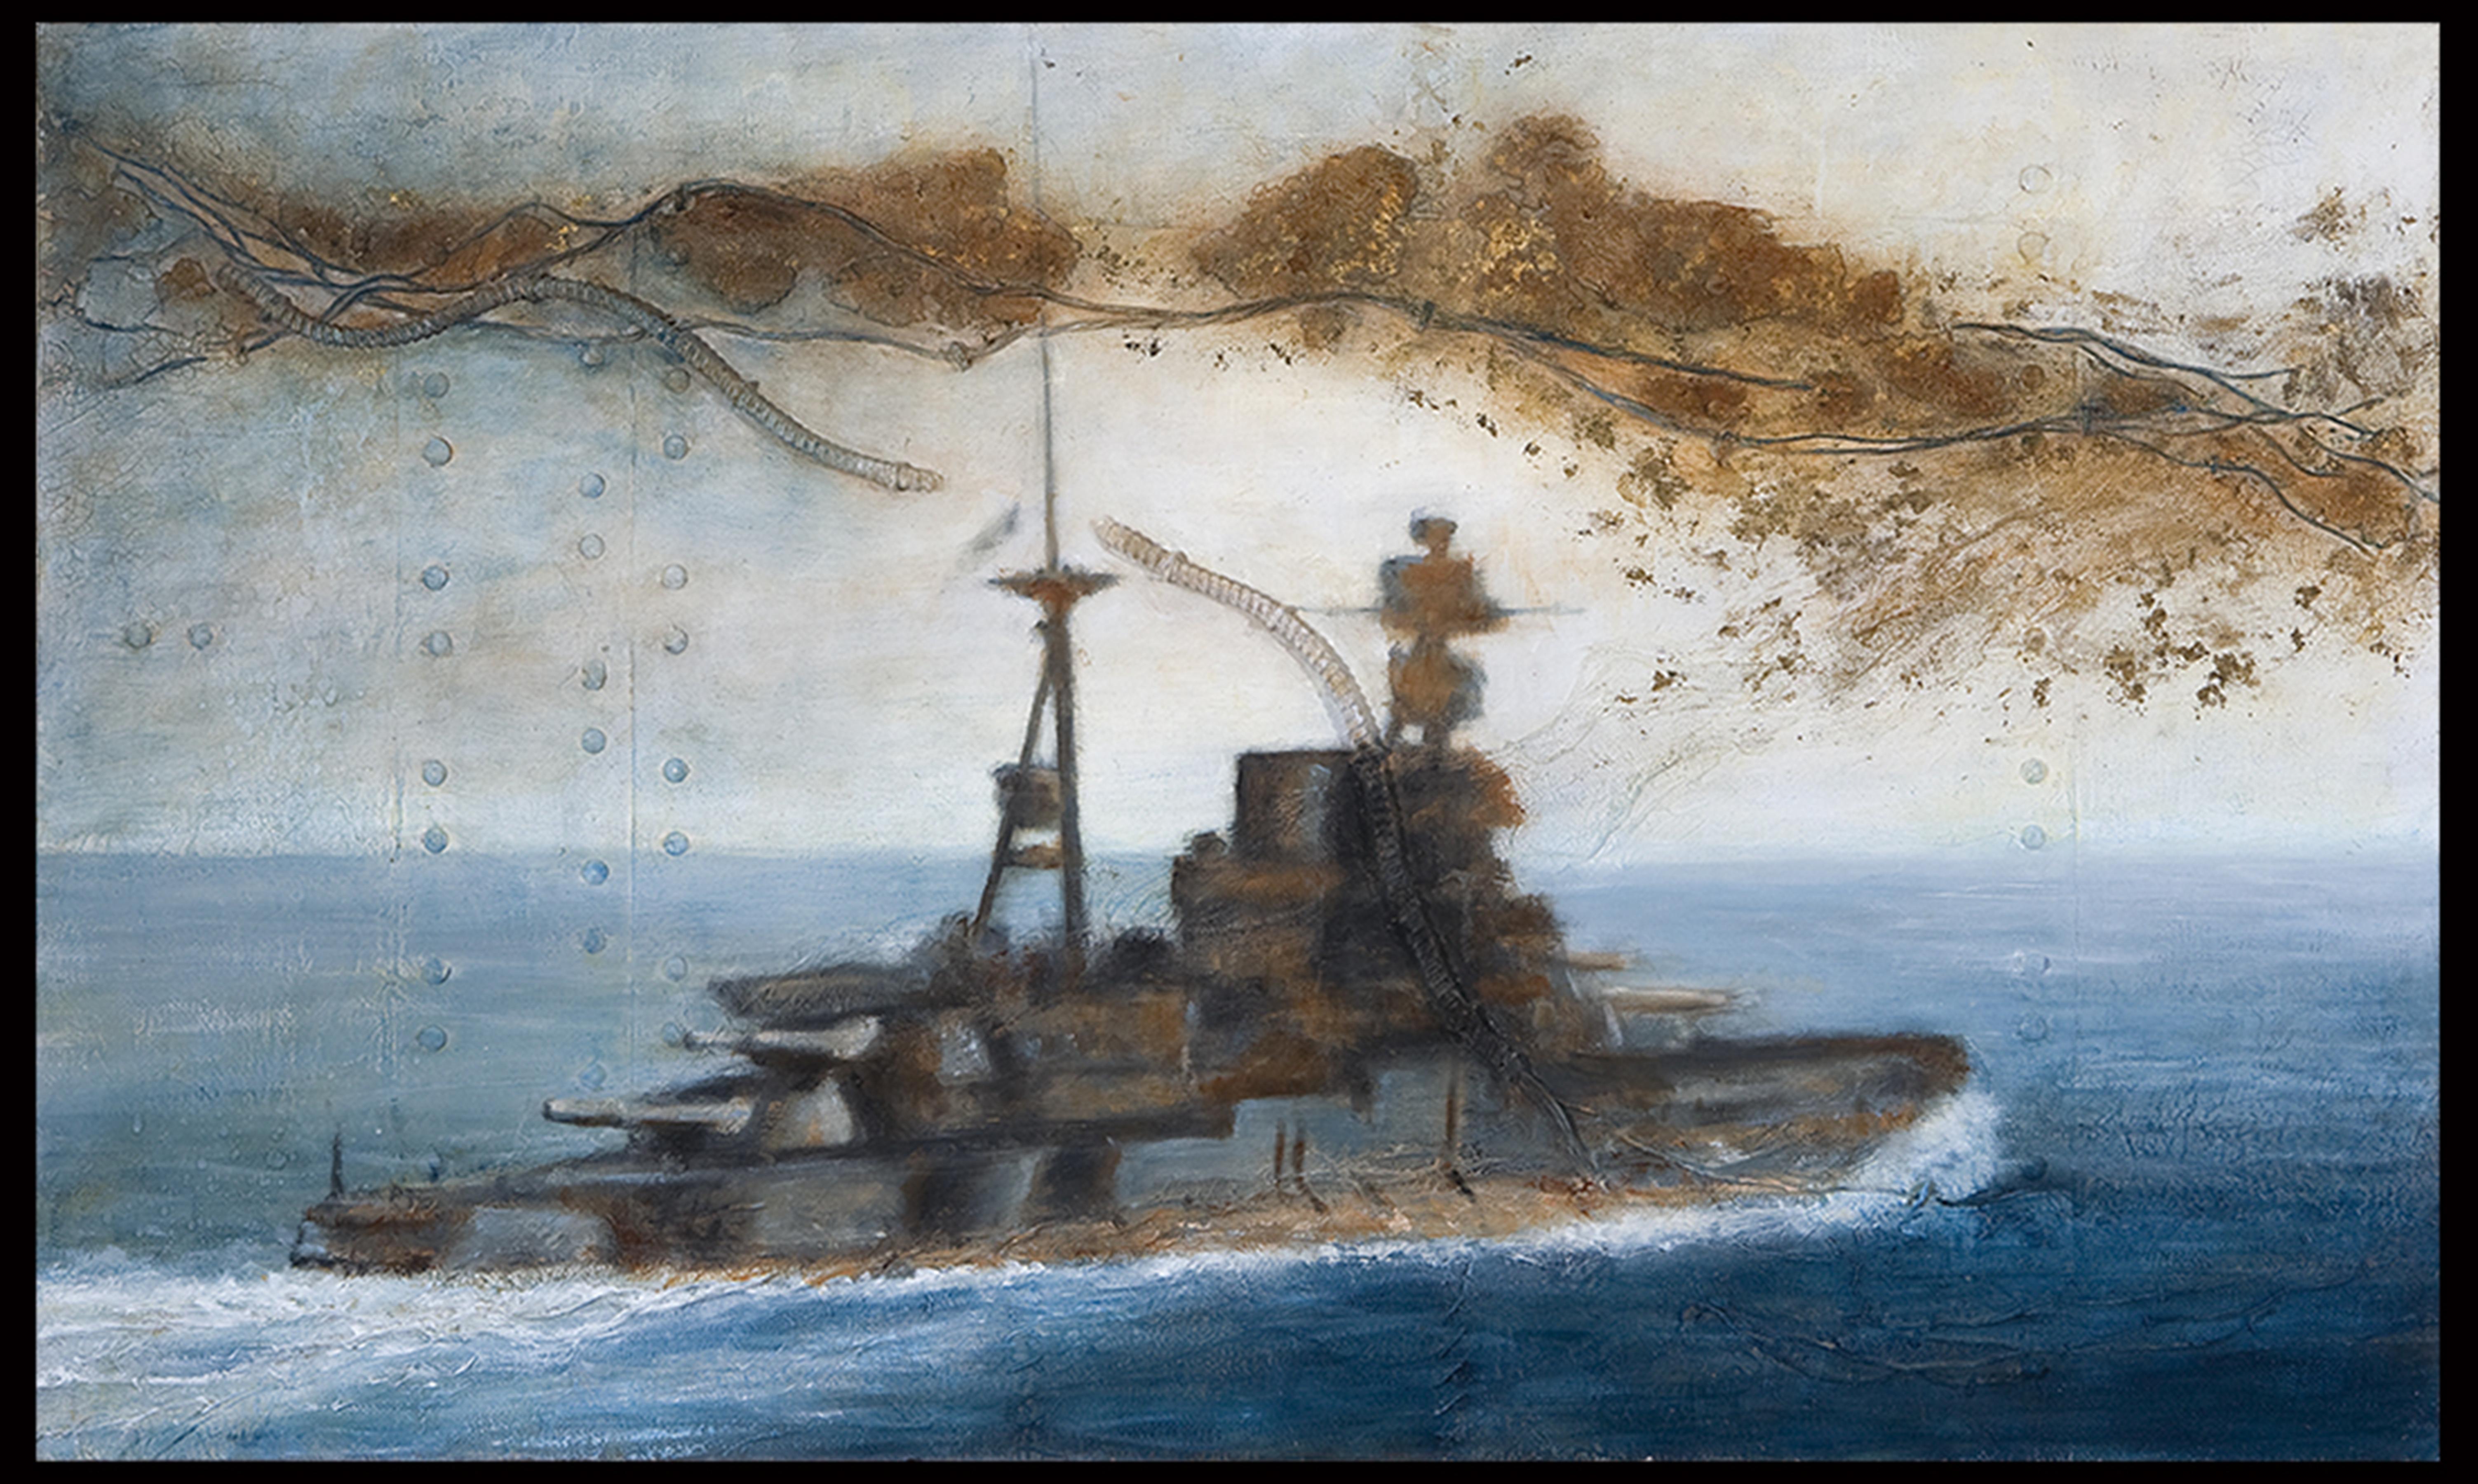 HMS Barham - 1941